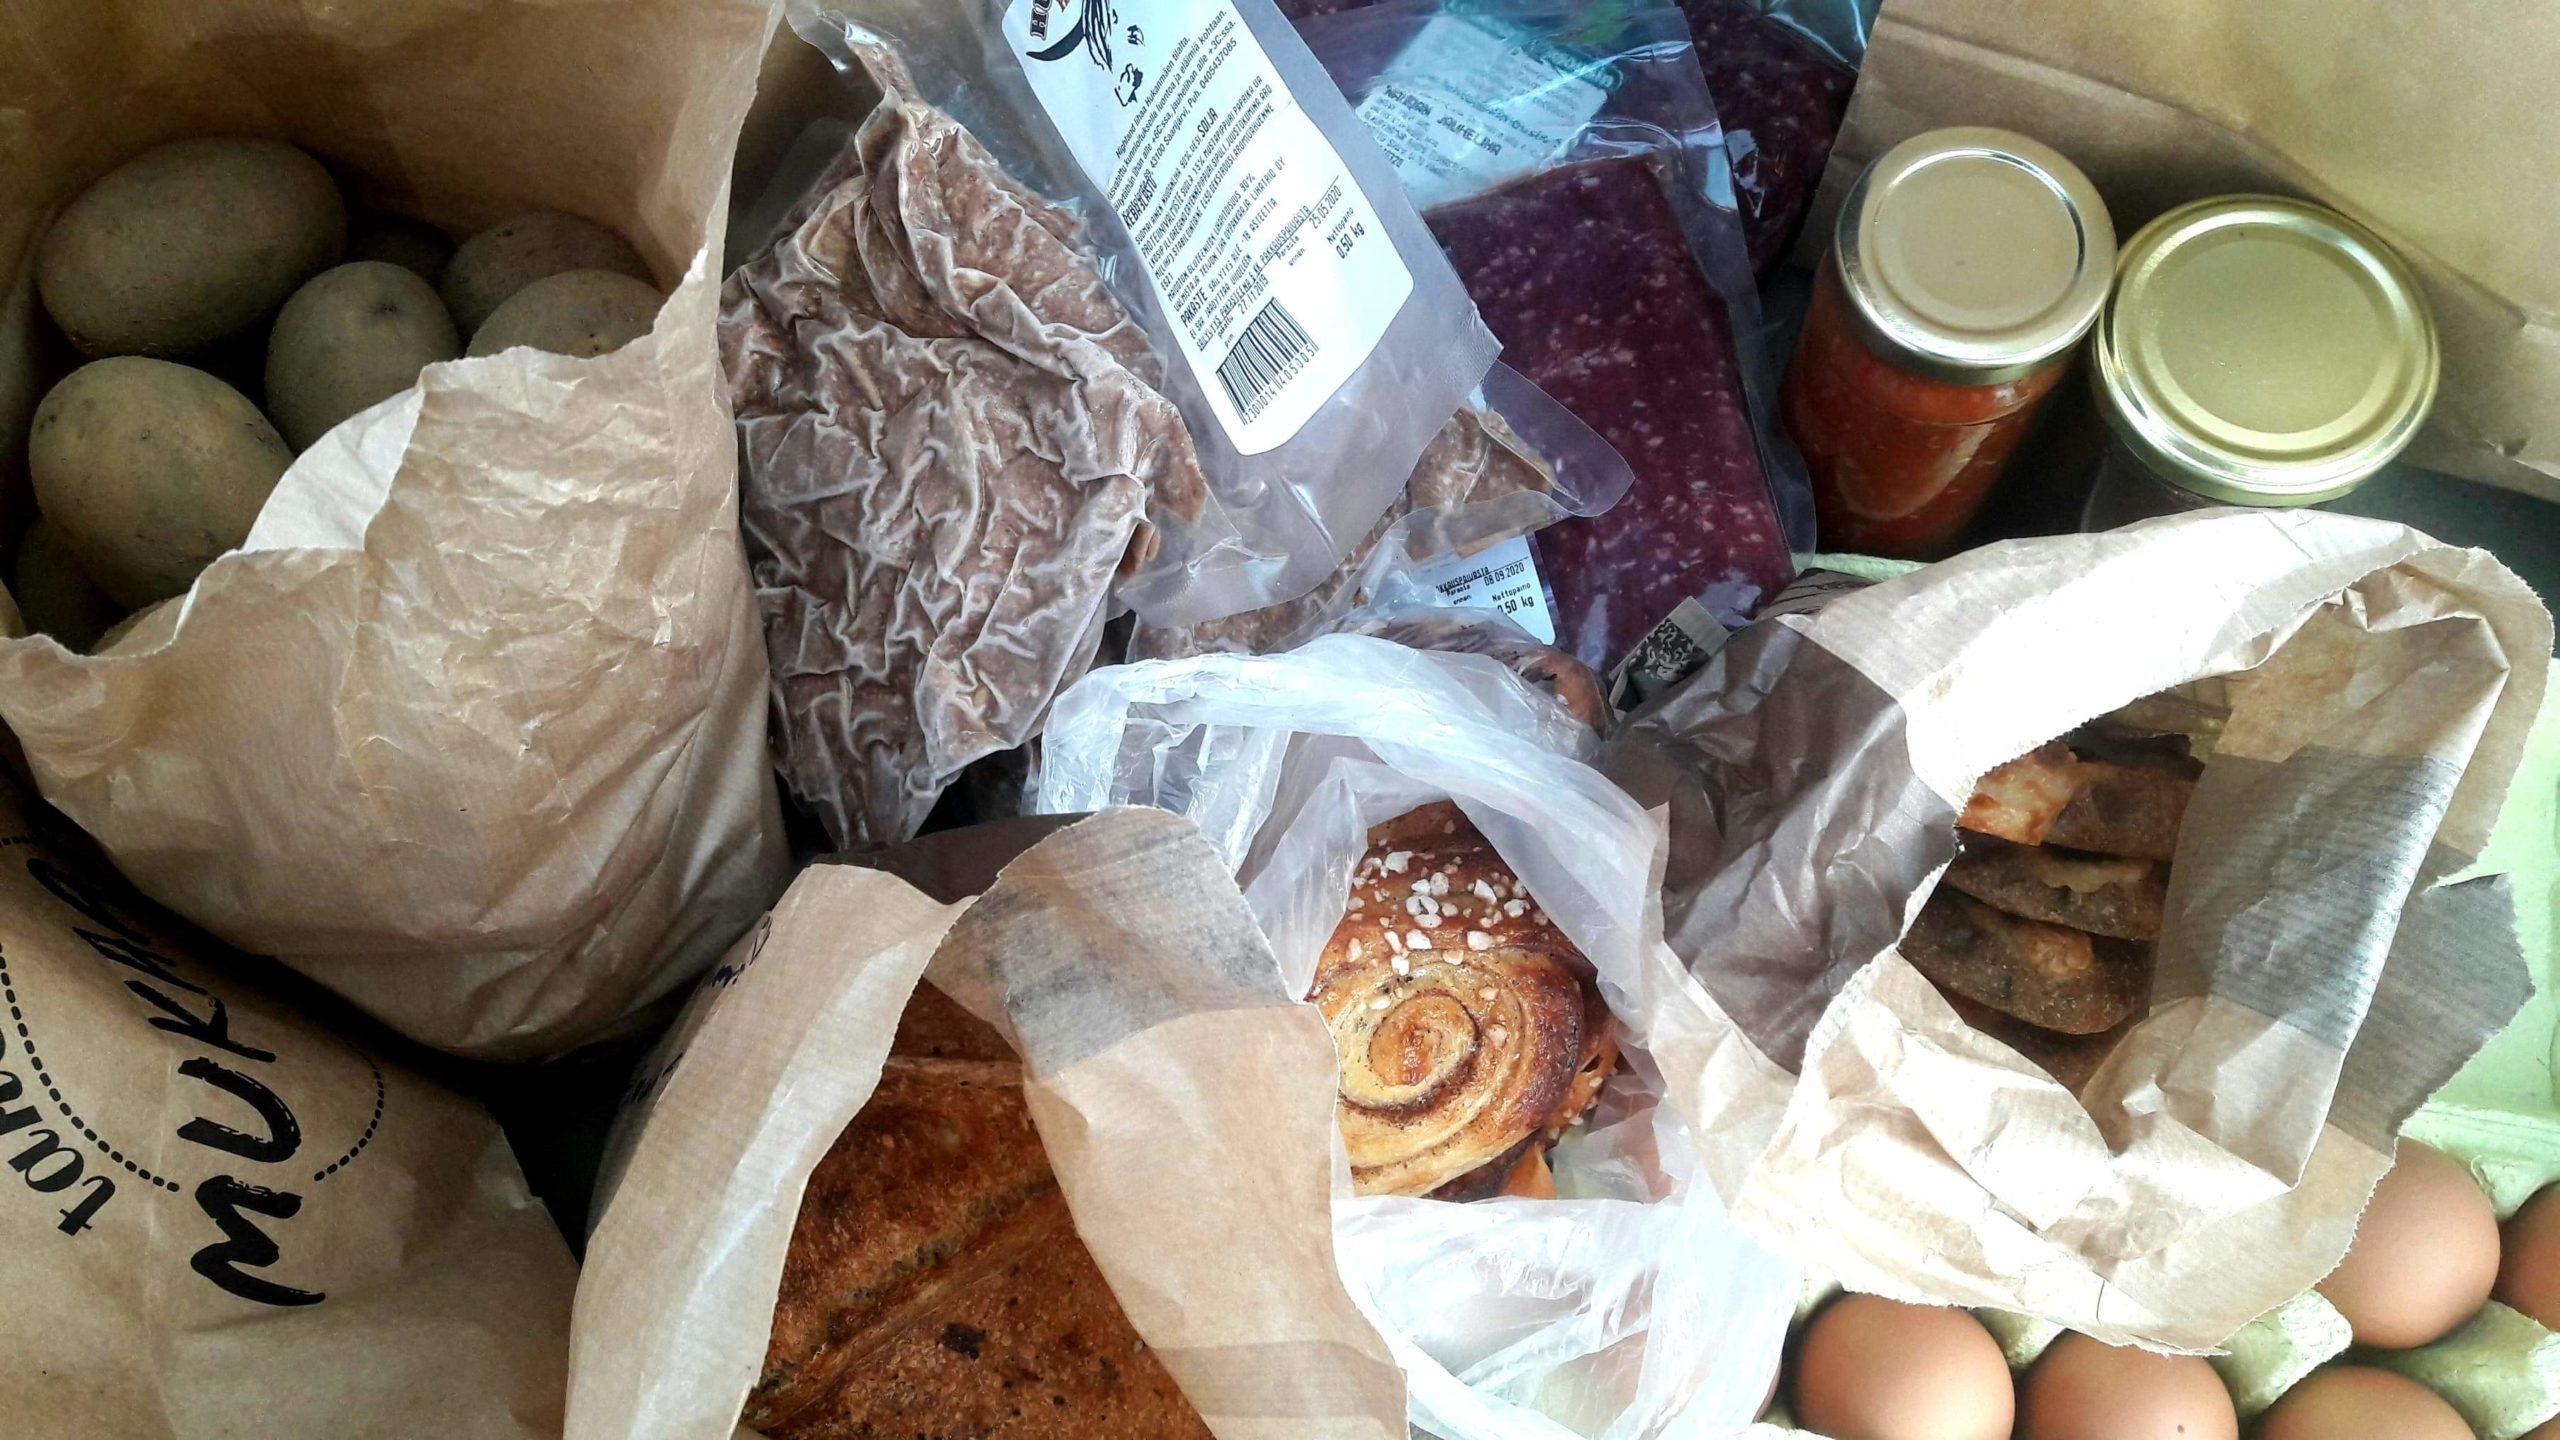 REKO-tuotteita: juureksia, lihaa, leivonnaisia ja säilykkeitä